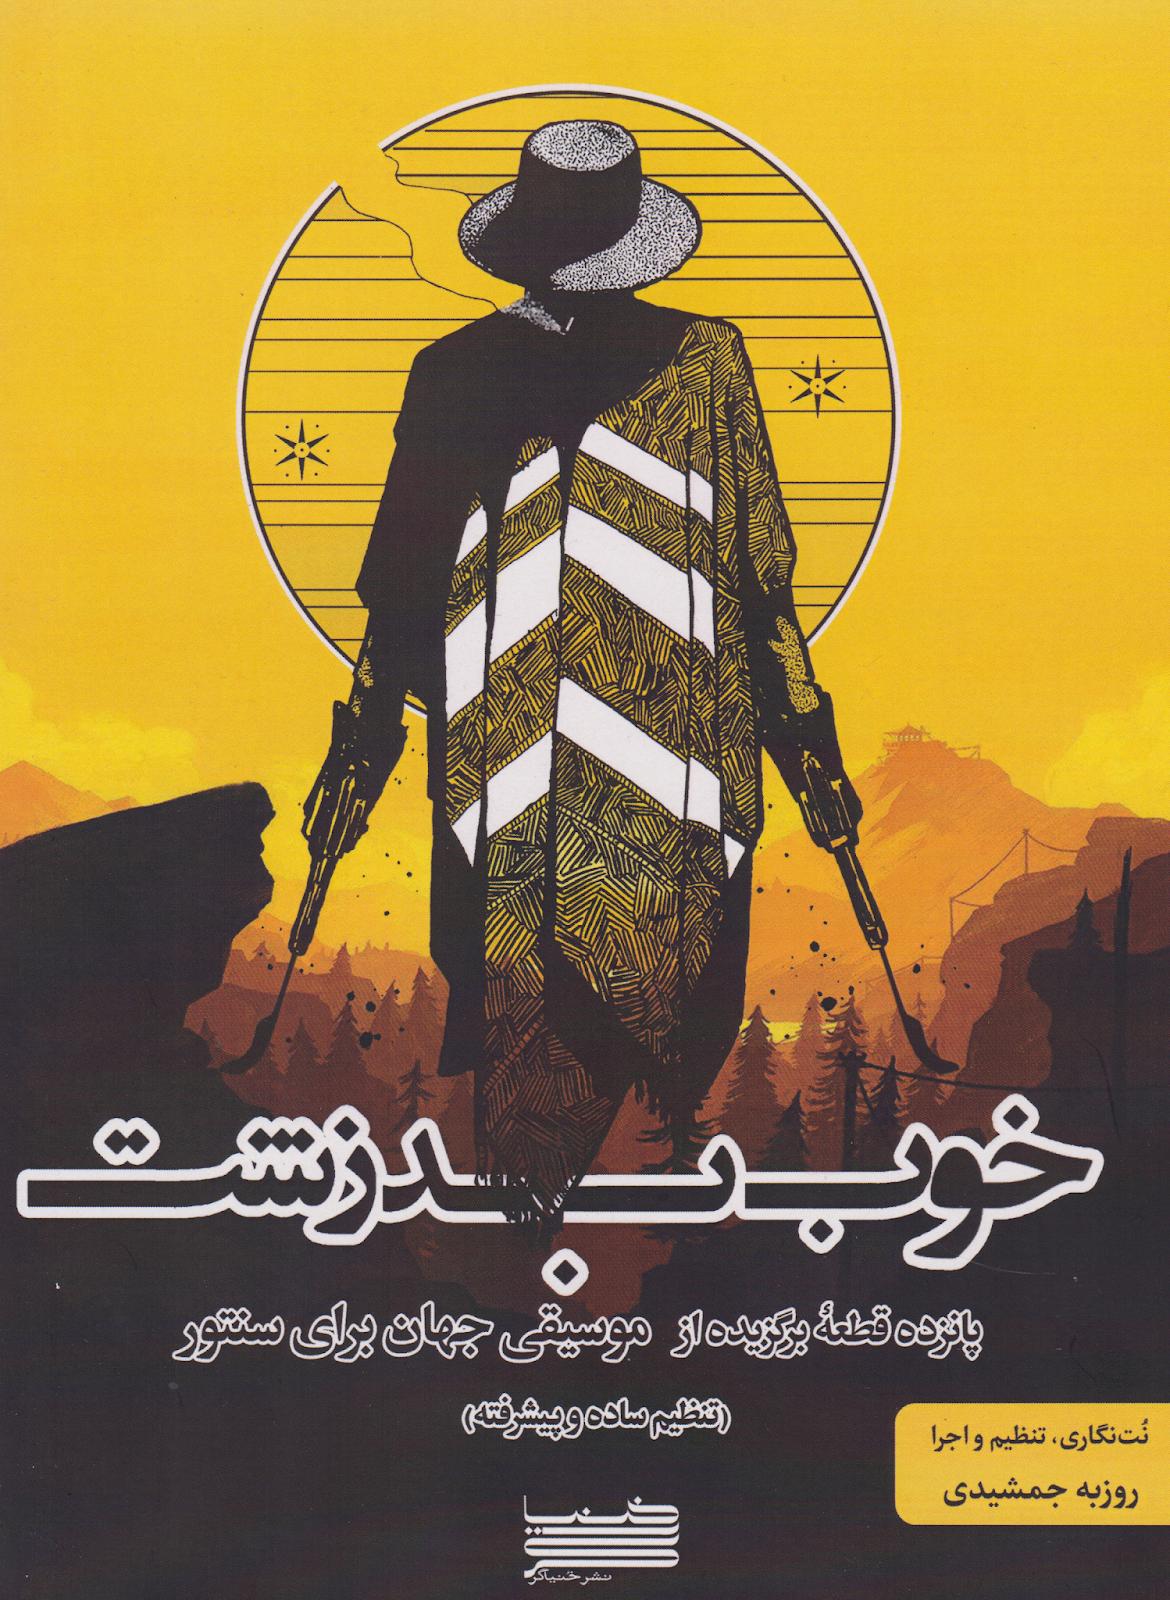 کتاب خوب بد زشت روزبه جمشیدی انتشارات خنیاگر